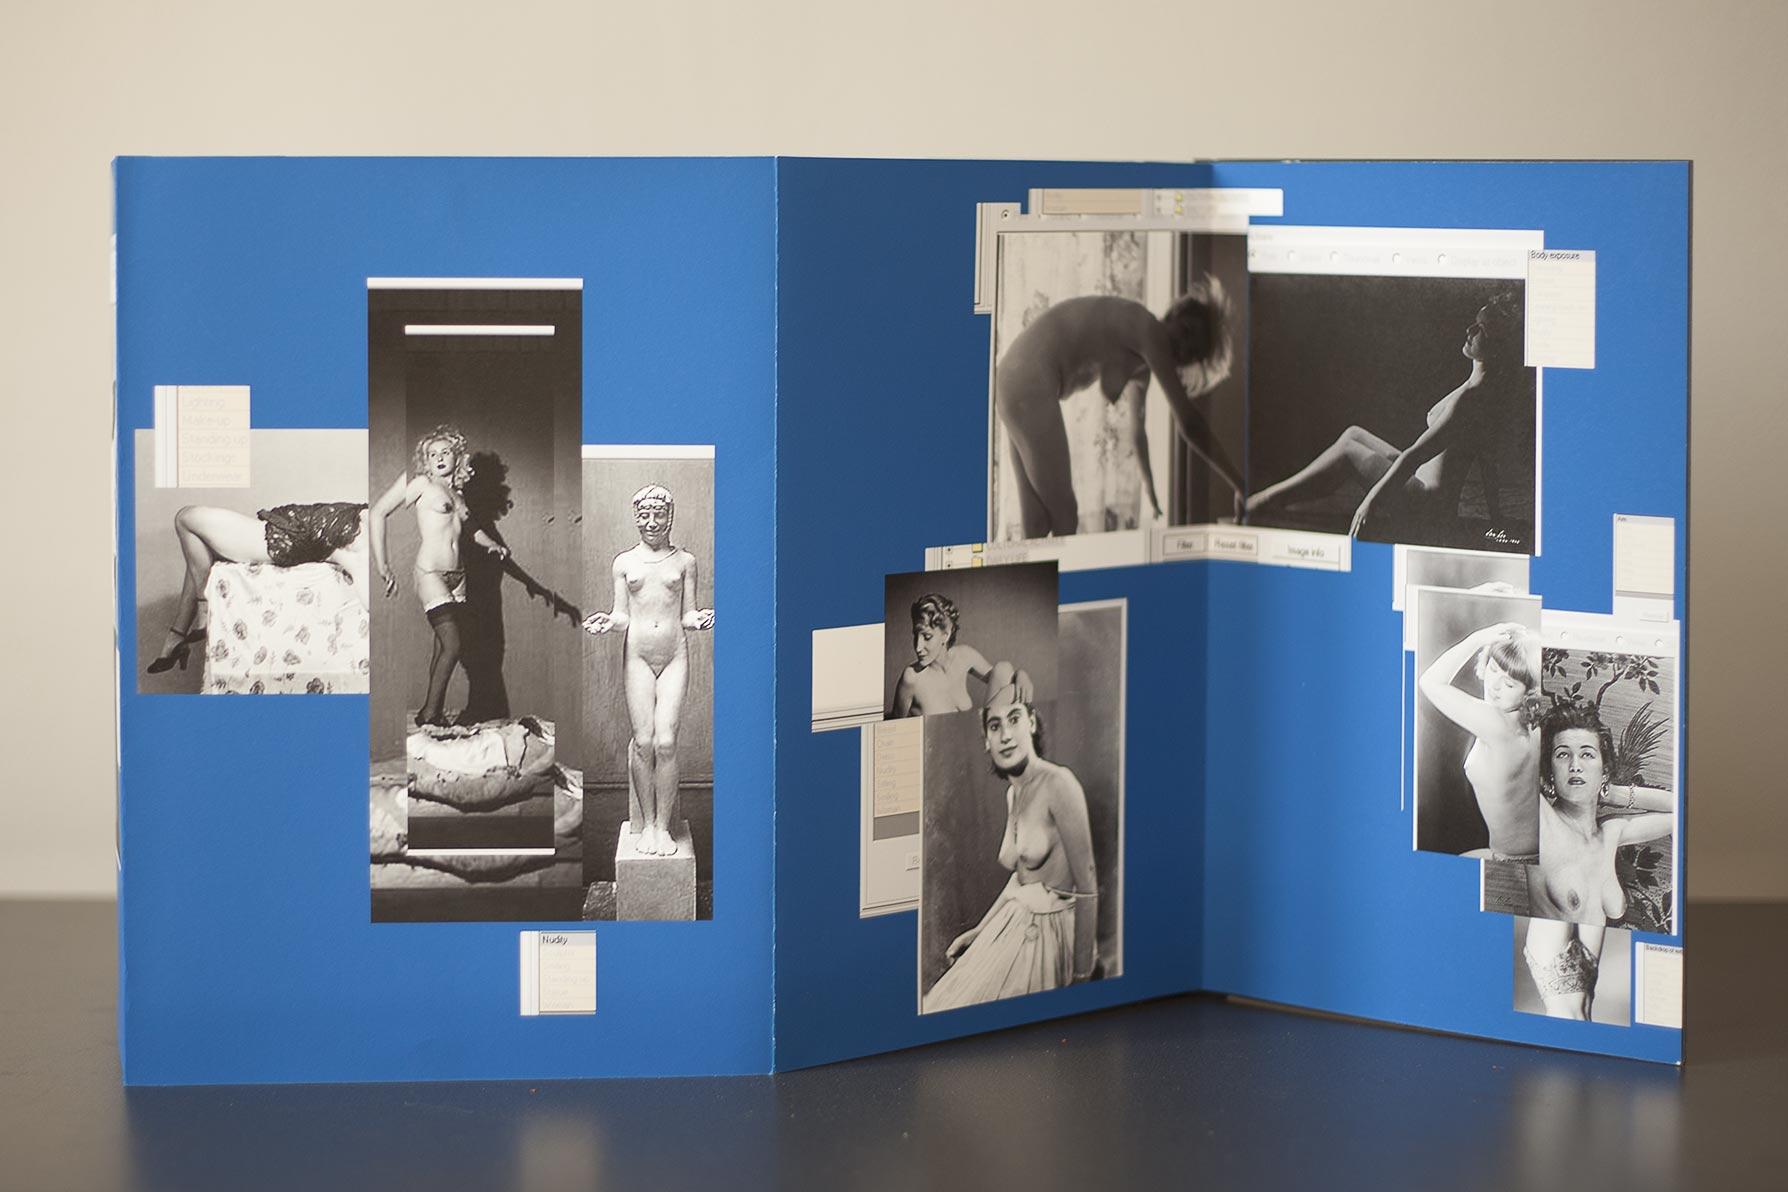 msdm-studio-sexndatabase-book-05